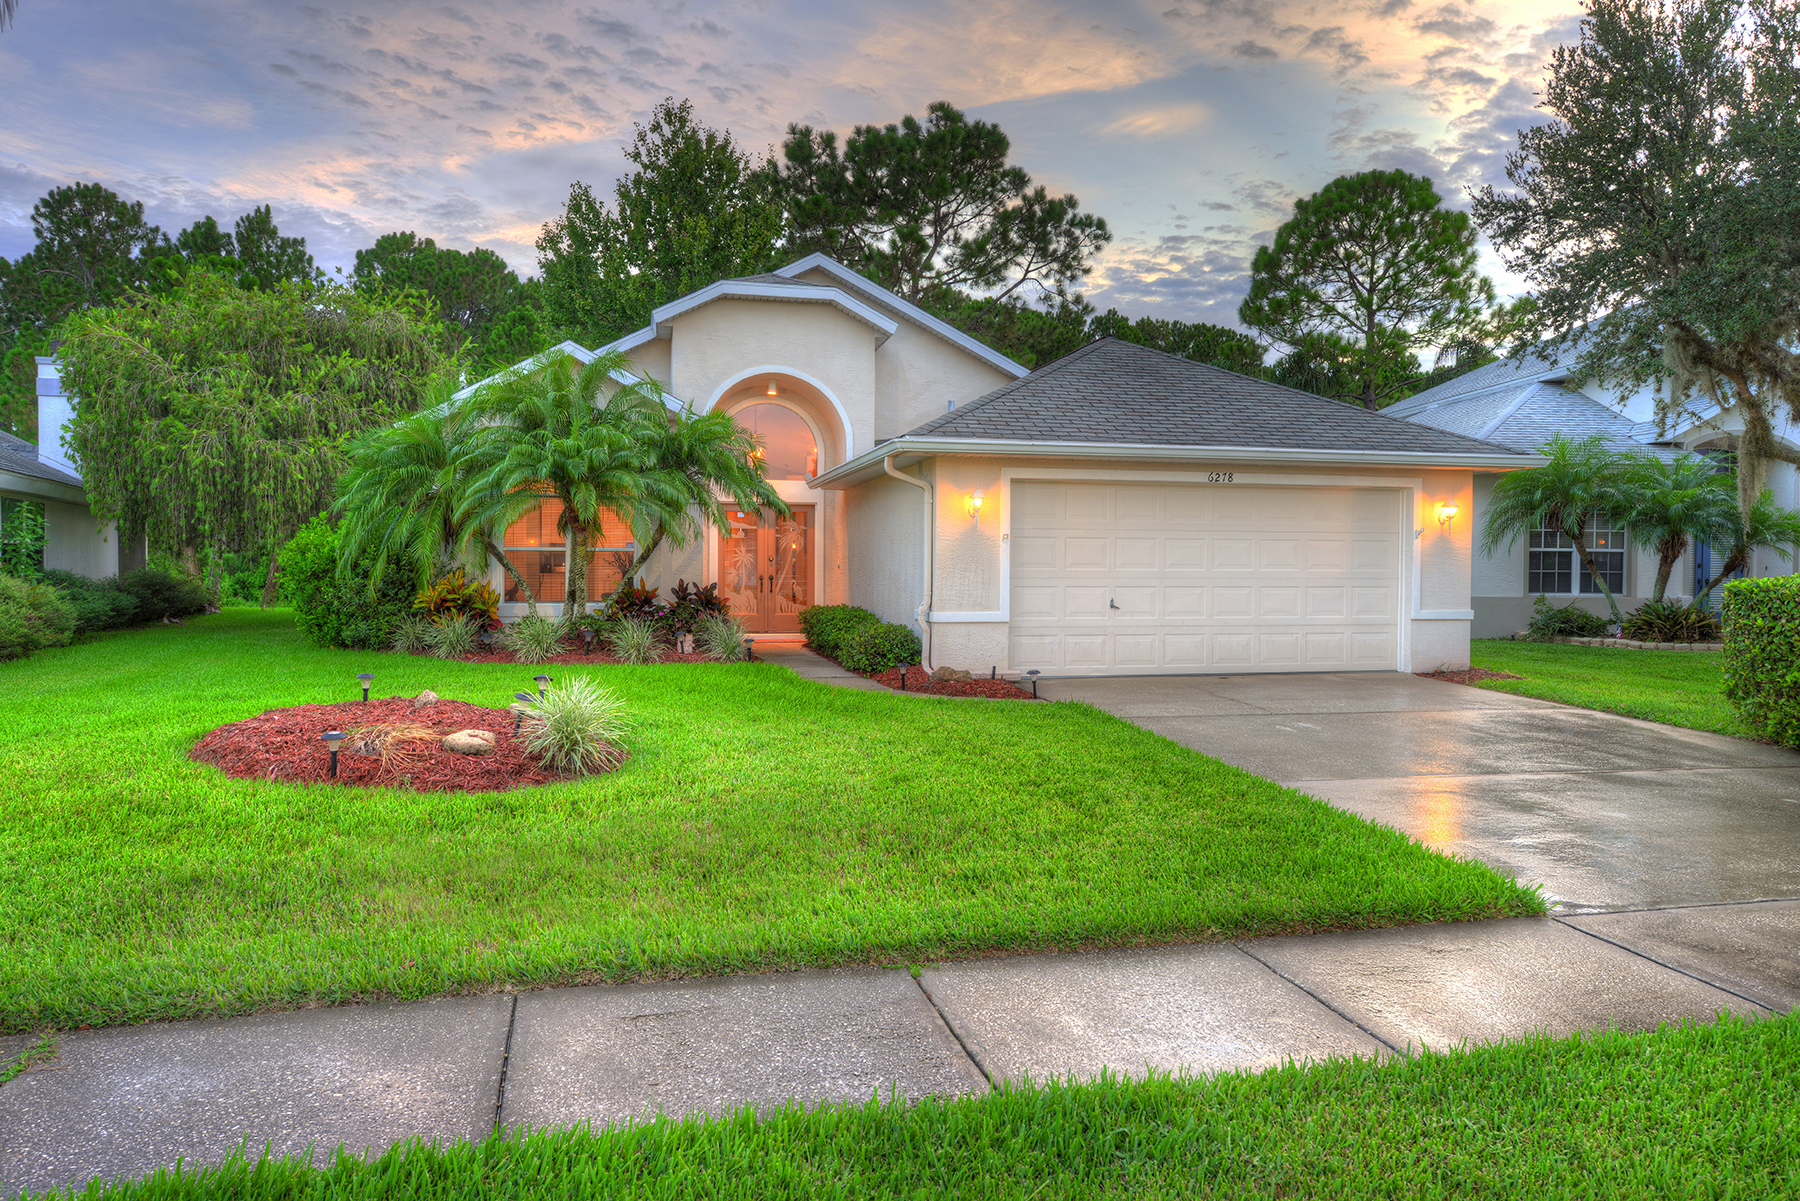 Tek Ailelik Ev için Satış at SPRUCE CREEK AND THE BEACHES 6278 Palm Vista St Port Orange, Florida, 32128 Amerika Birleşik Devletleri